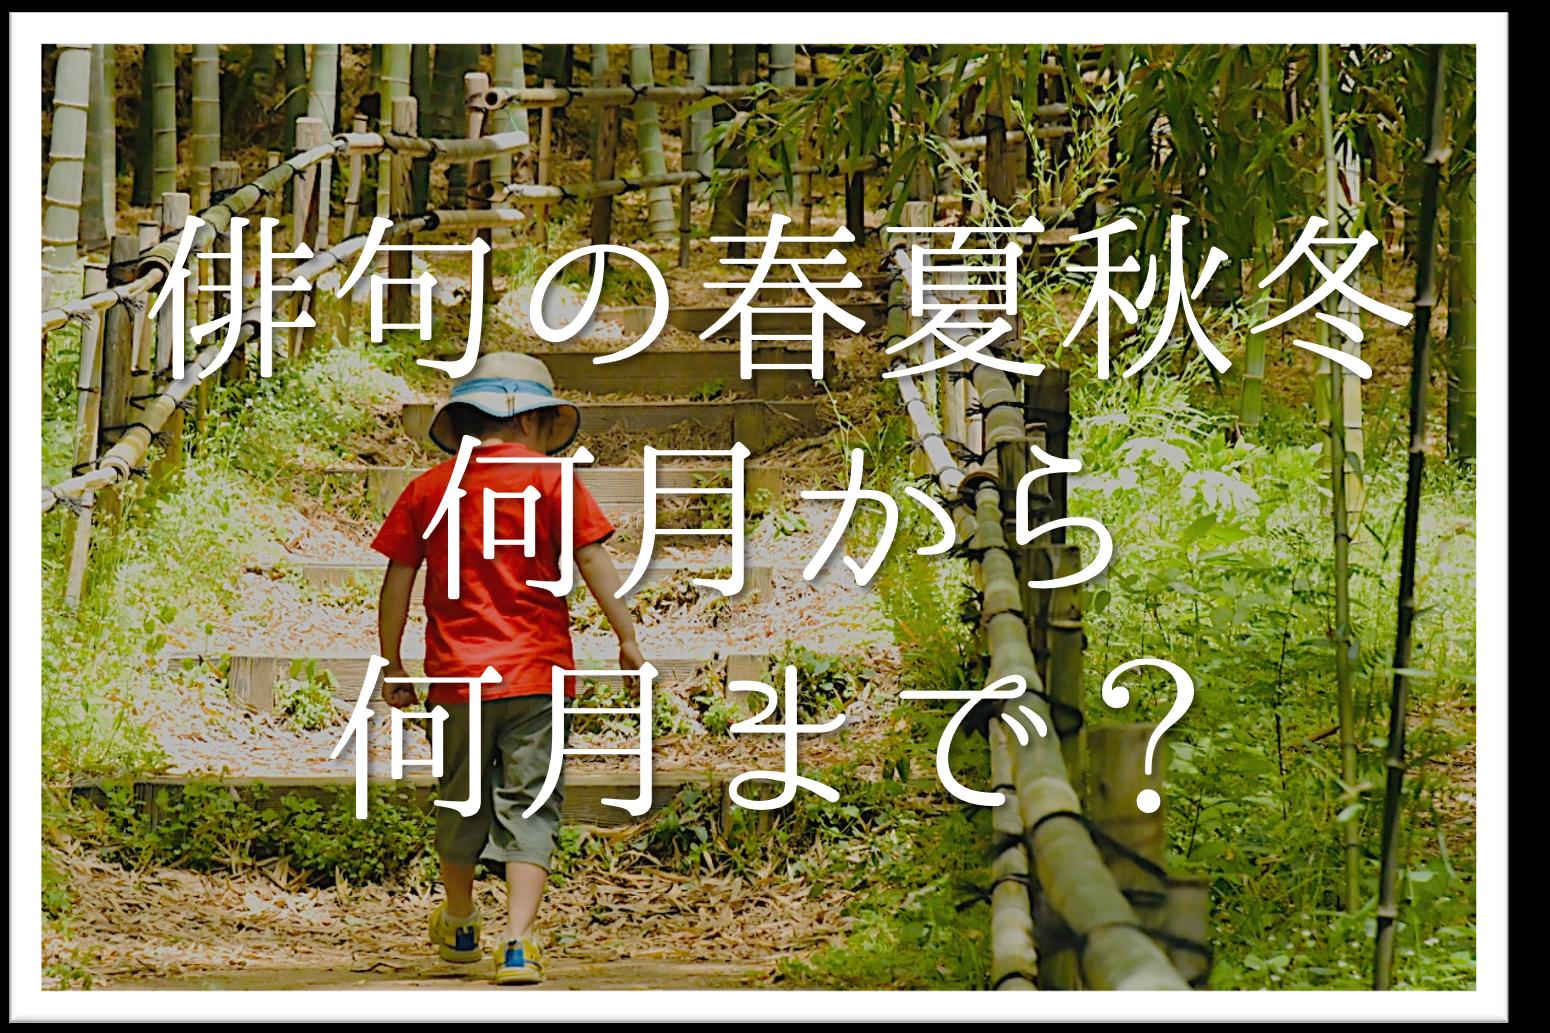 【俳句の春夏秋冬は何月から何月まで?】徹底解説!四季の期間・季節の区切り方など